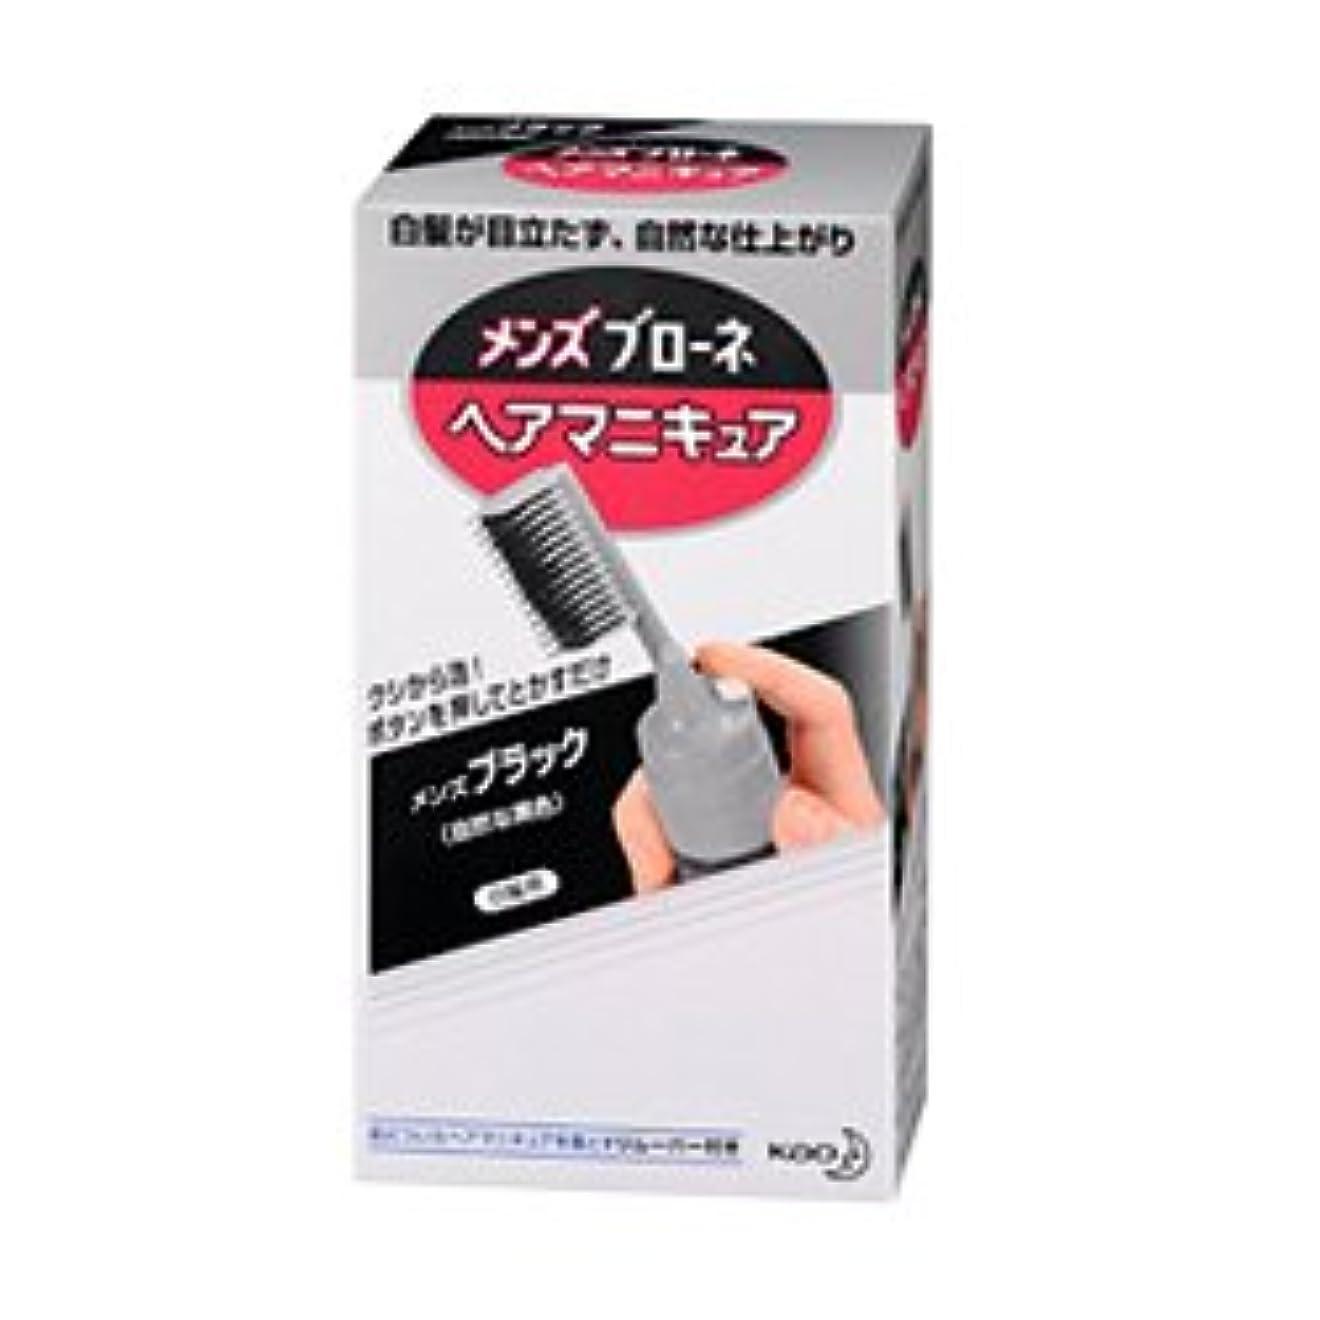 基本的な岸マージ【花王】メンズブローネ ヘアマニキュア白髪用 メンズブラック ×10個セット